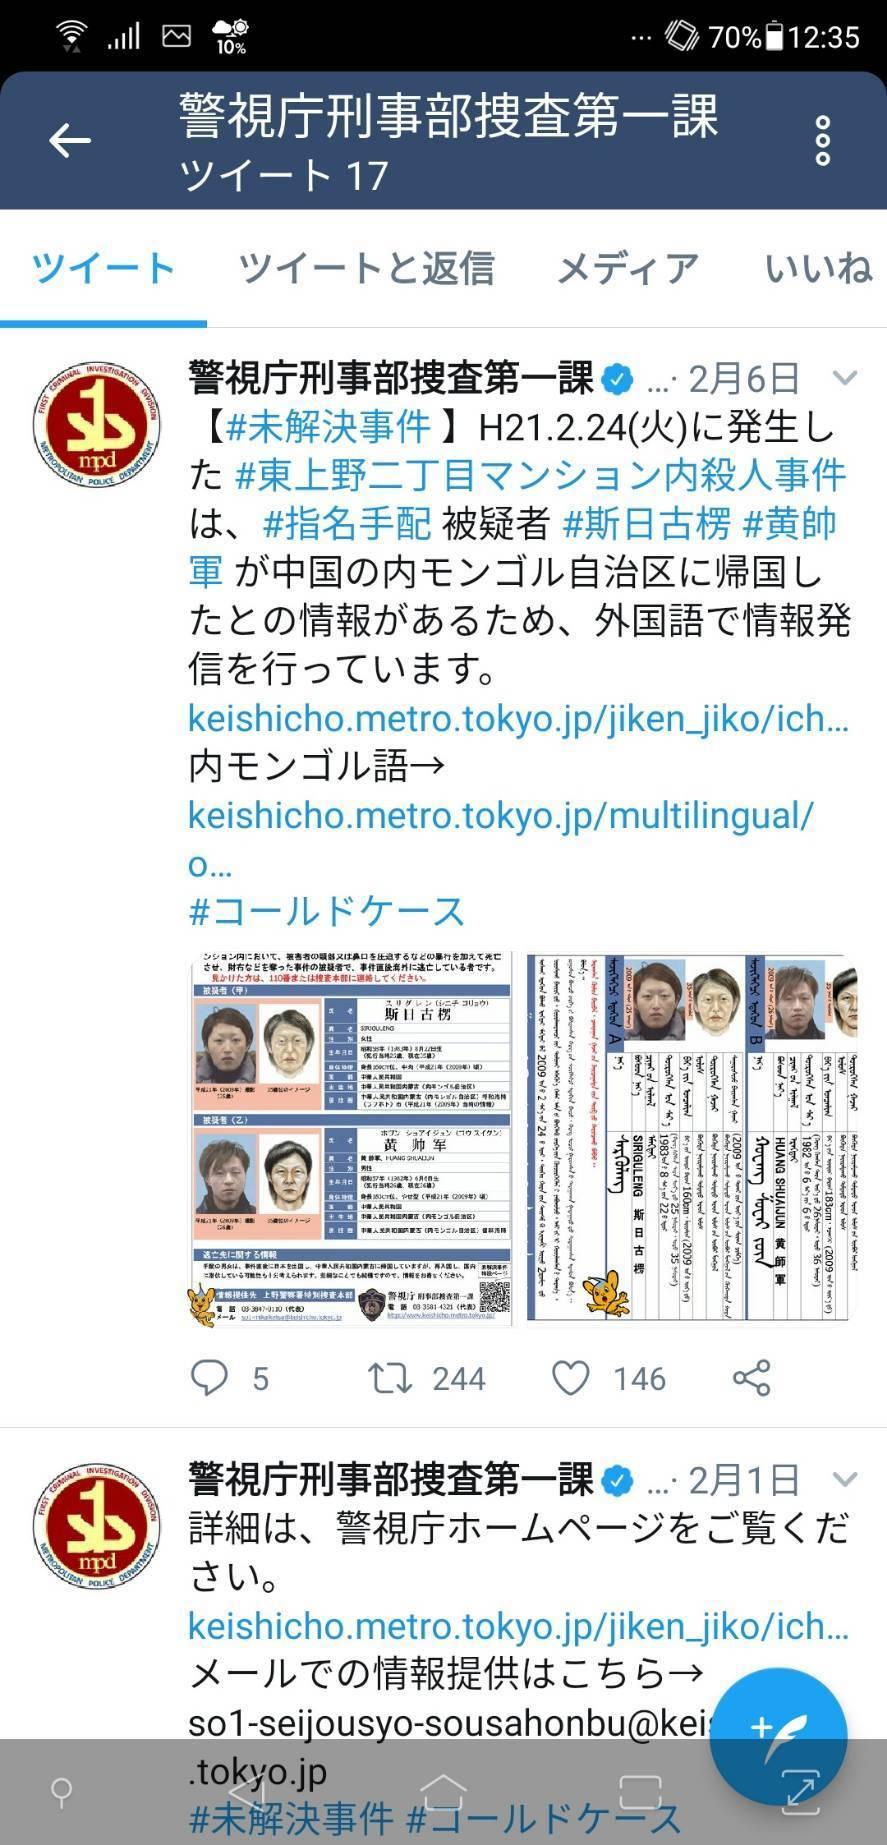 借重乡民肉搜力日本搜查一课推特贴未解决事件